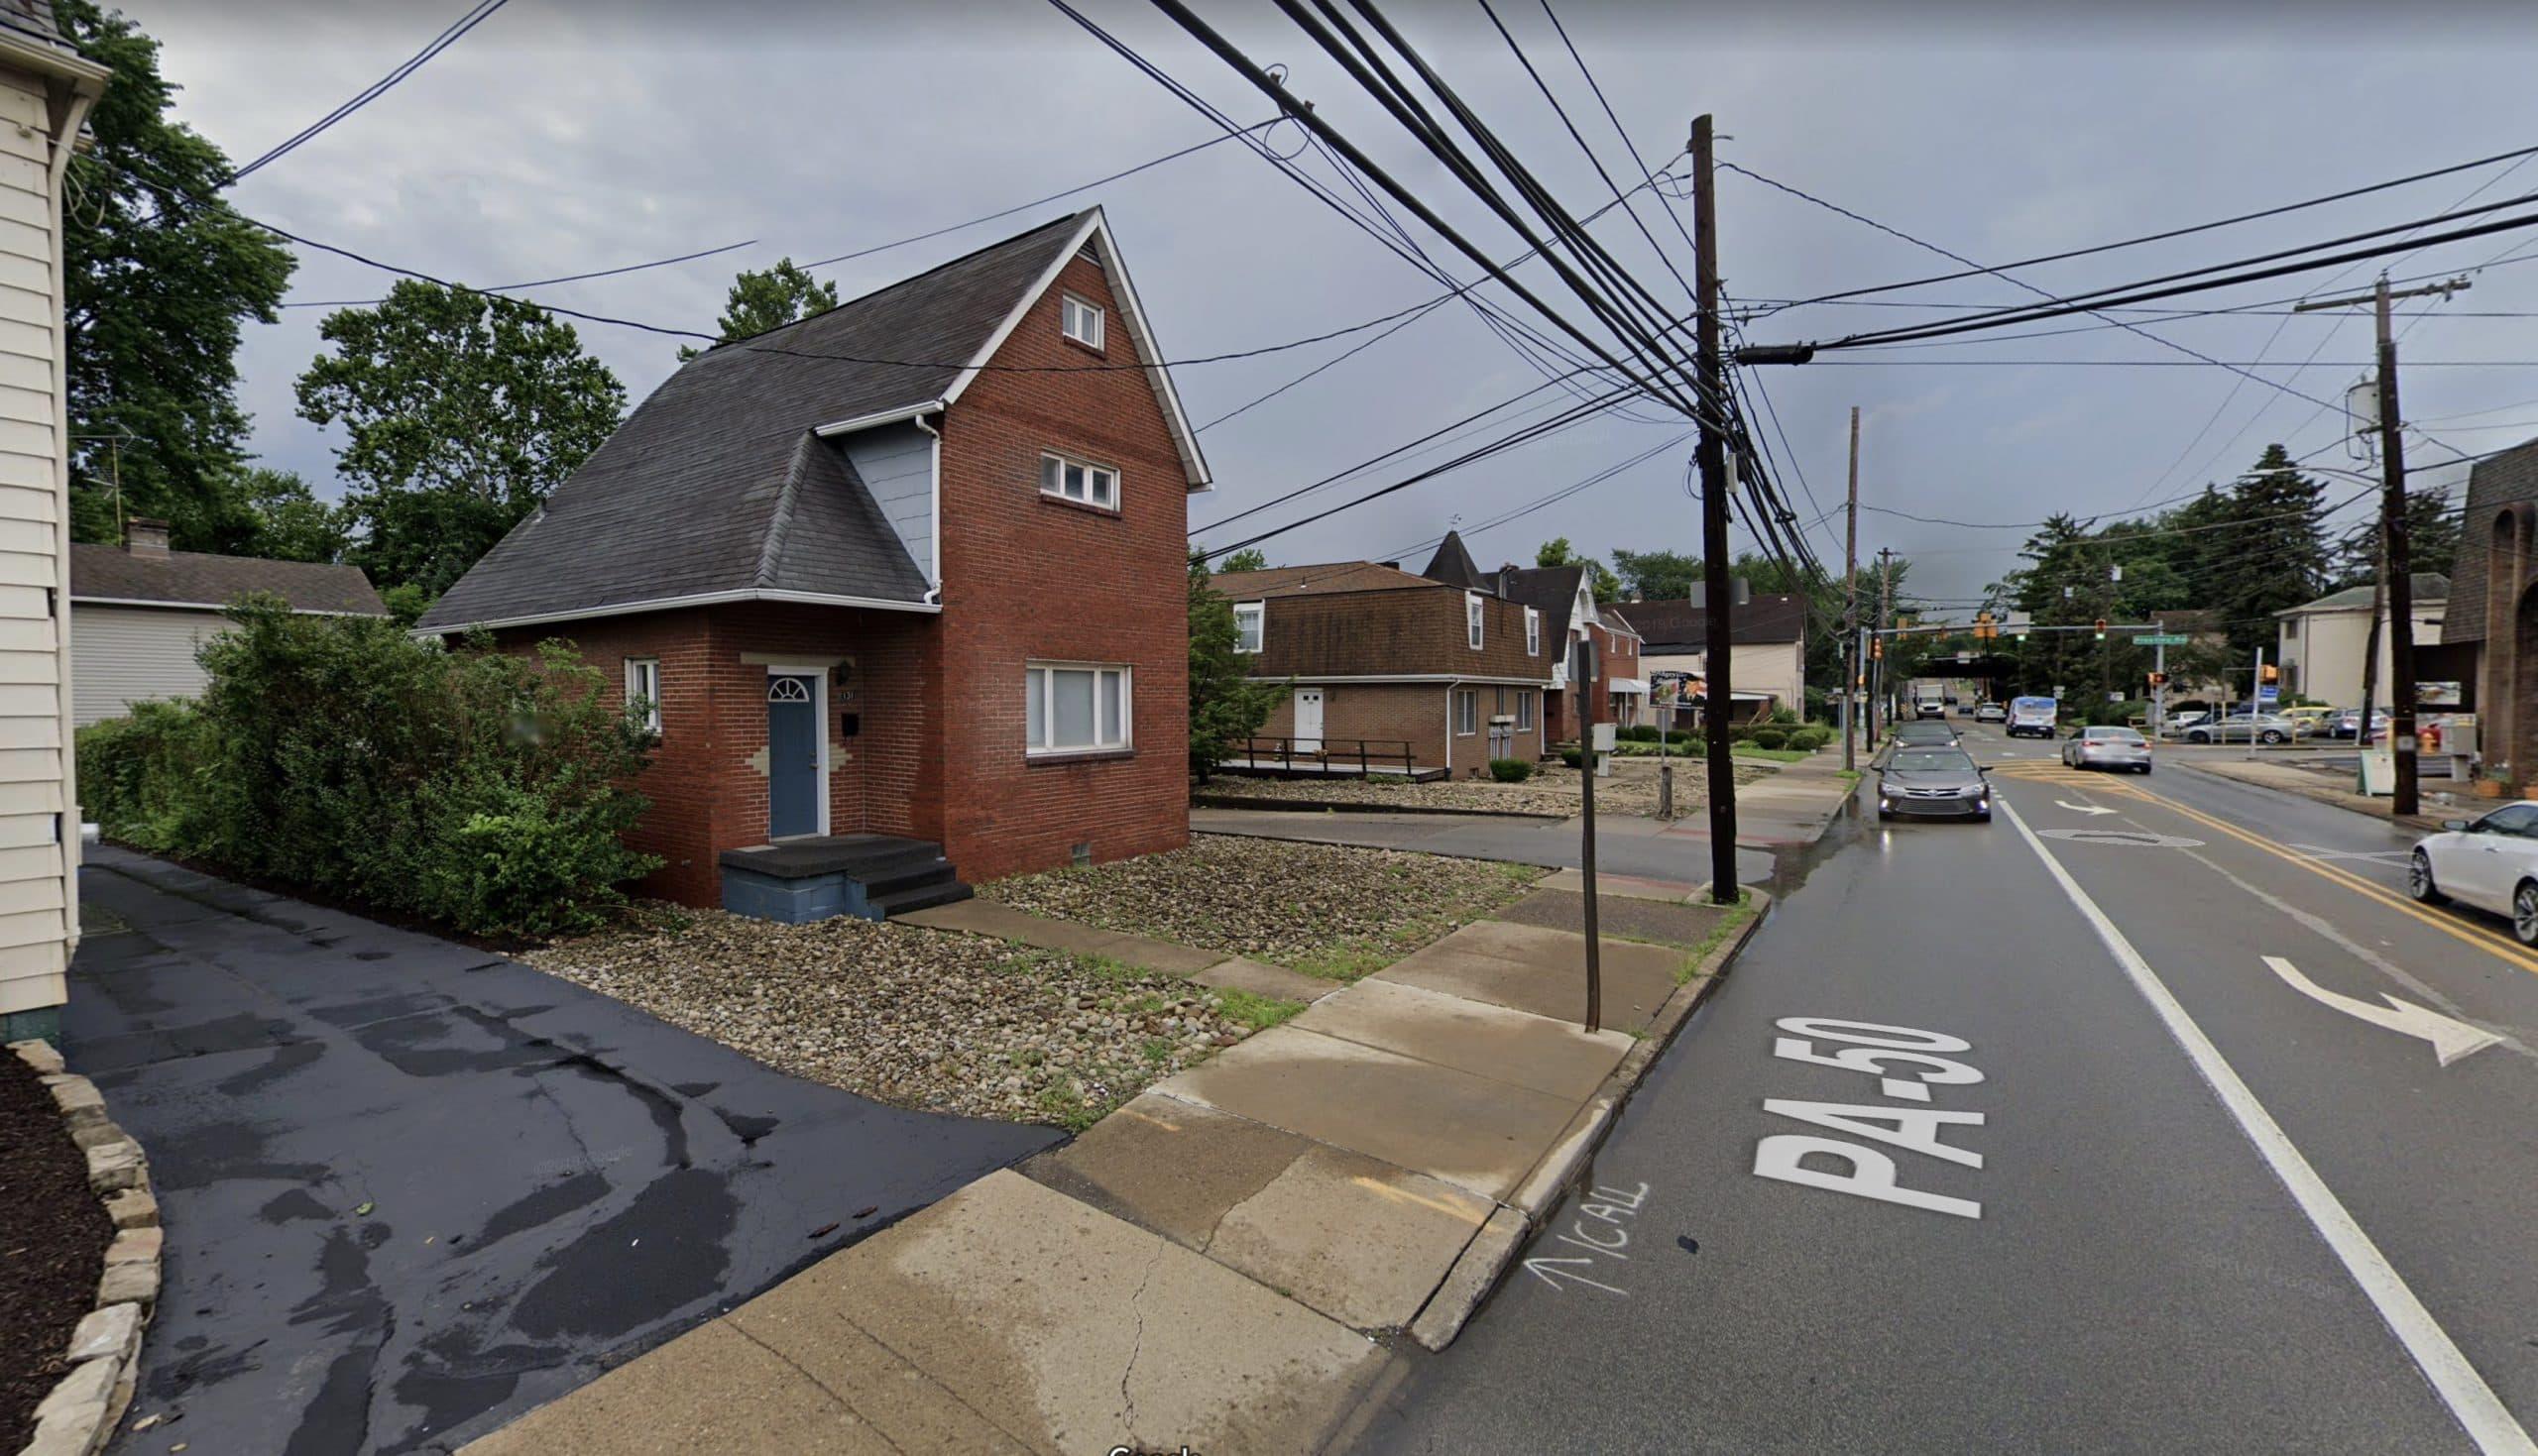 131 Washington Avenue. Image by Google Maps.